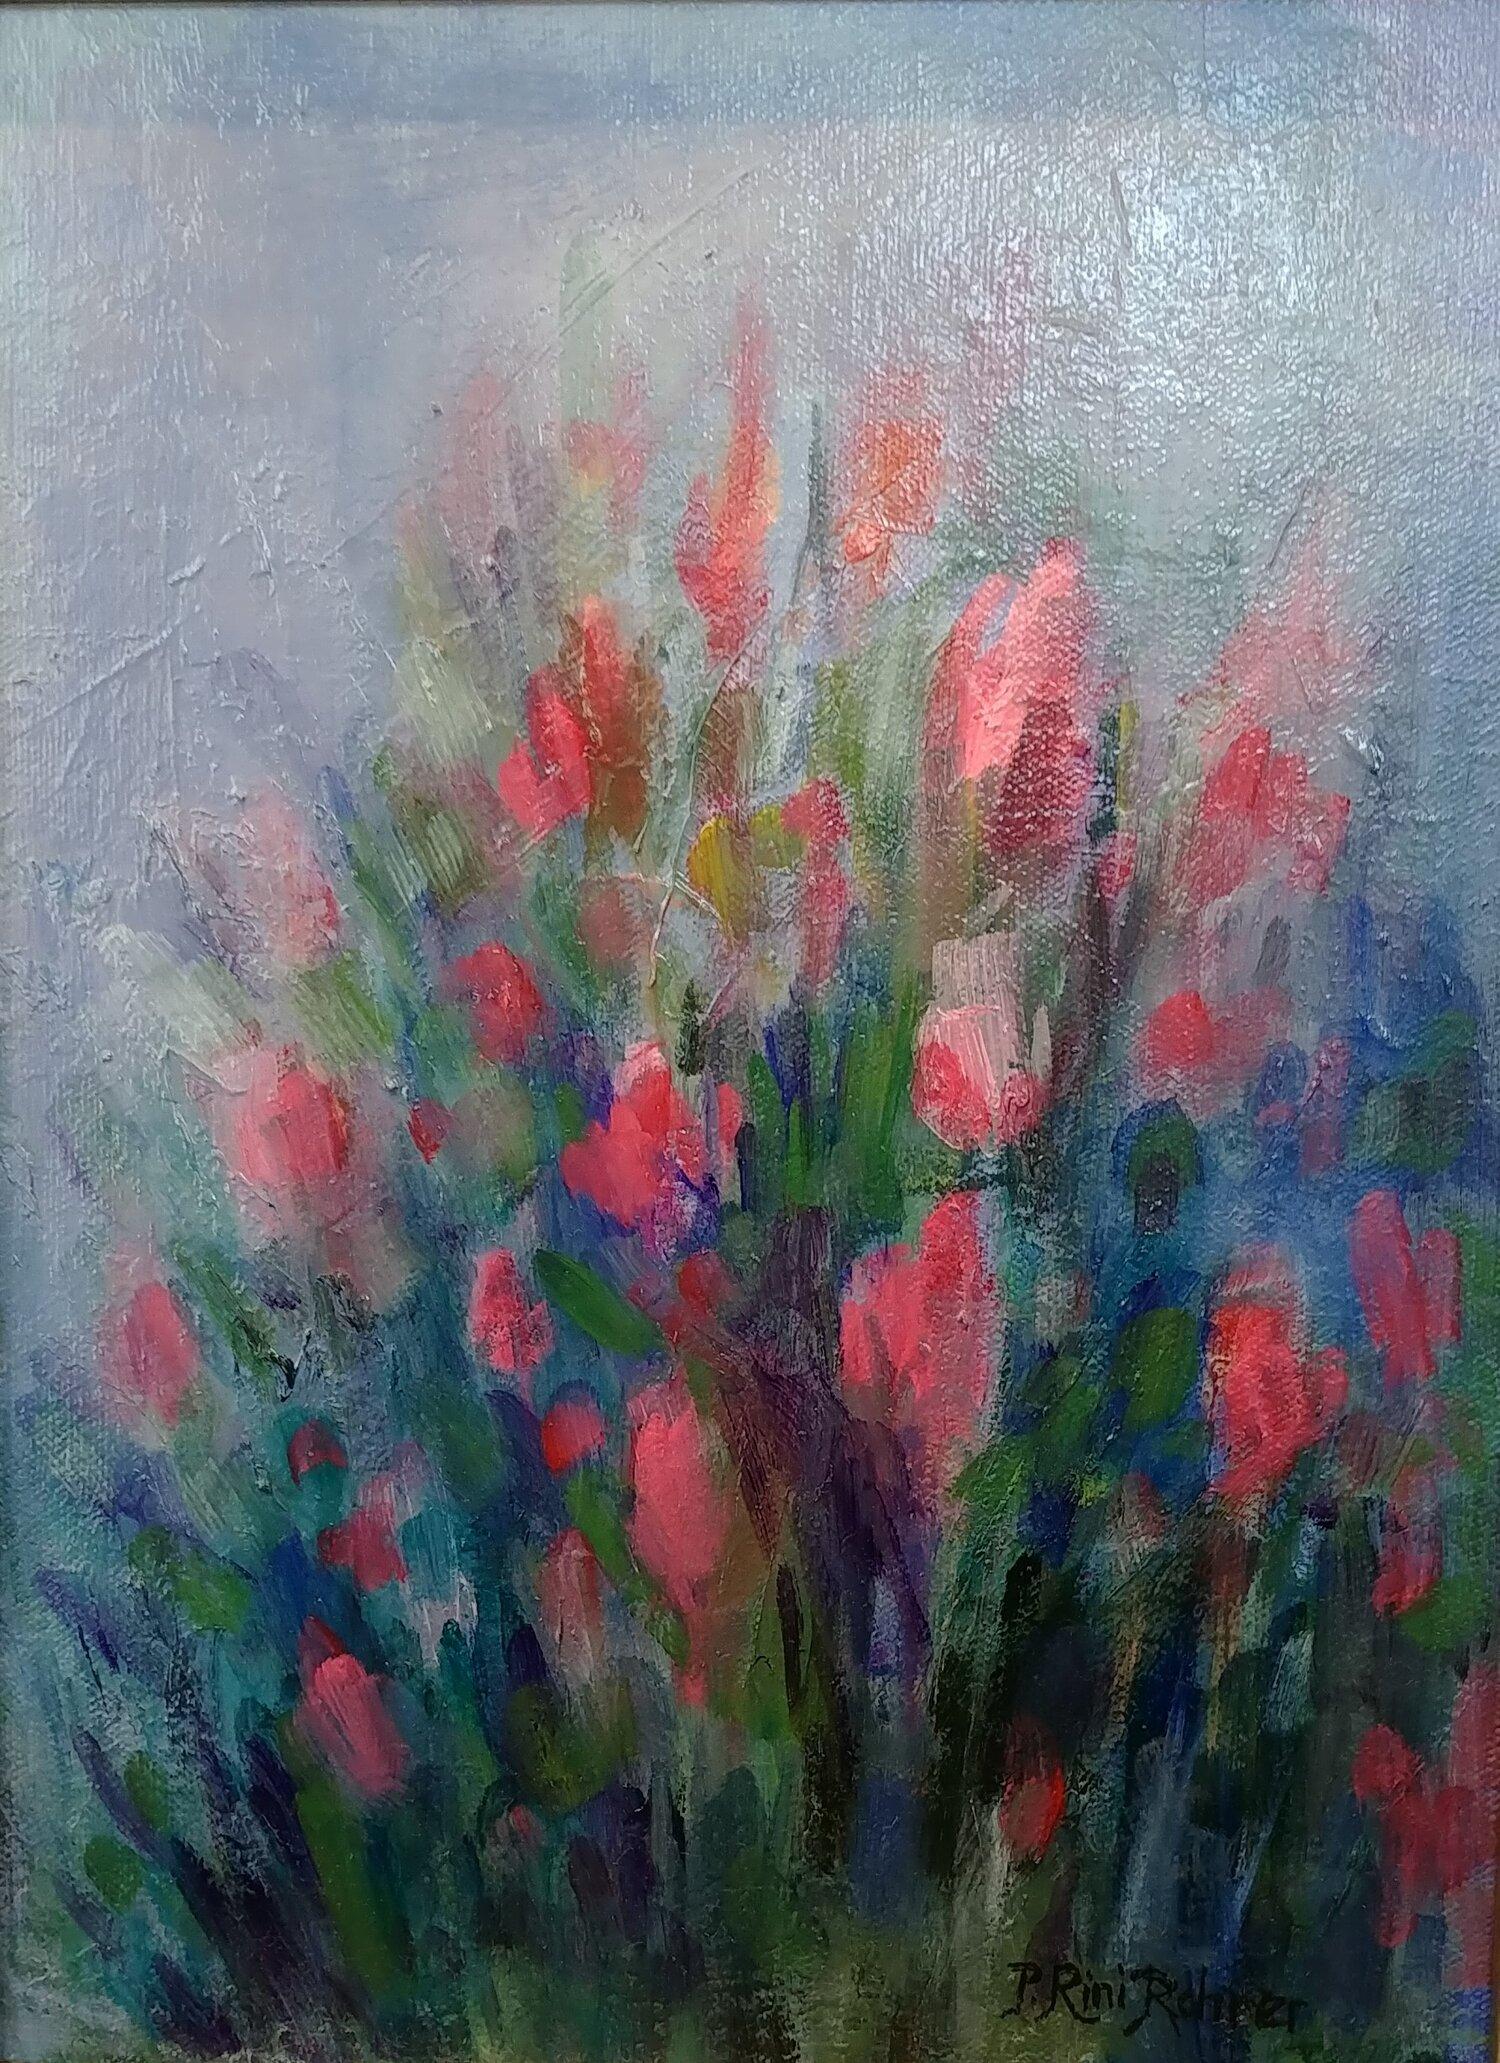 Pat Rini Rohrer Gallery in Canandaigua Ny